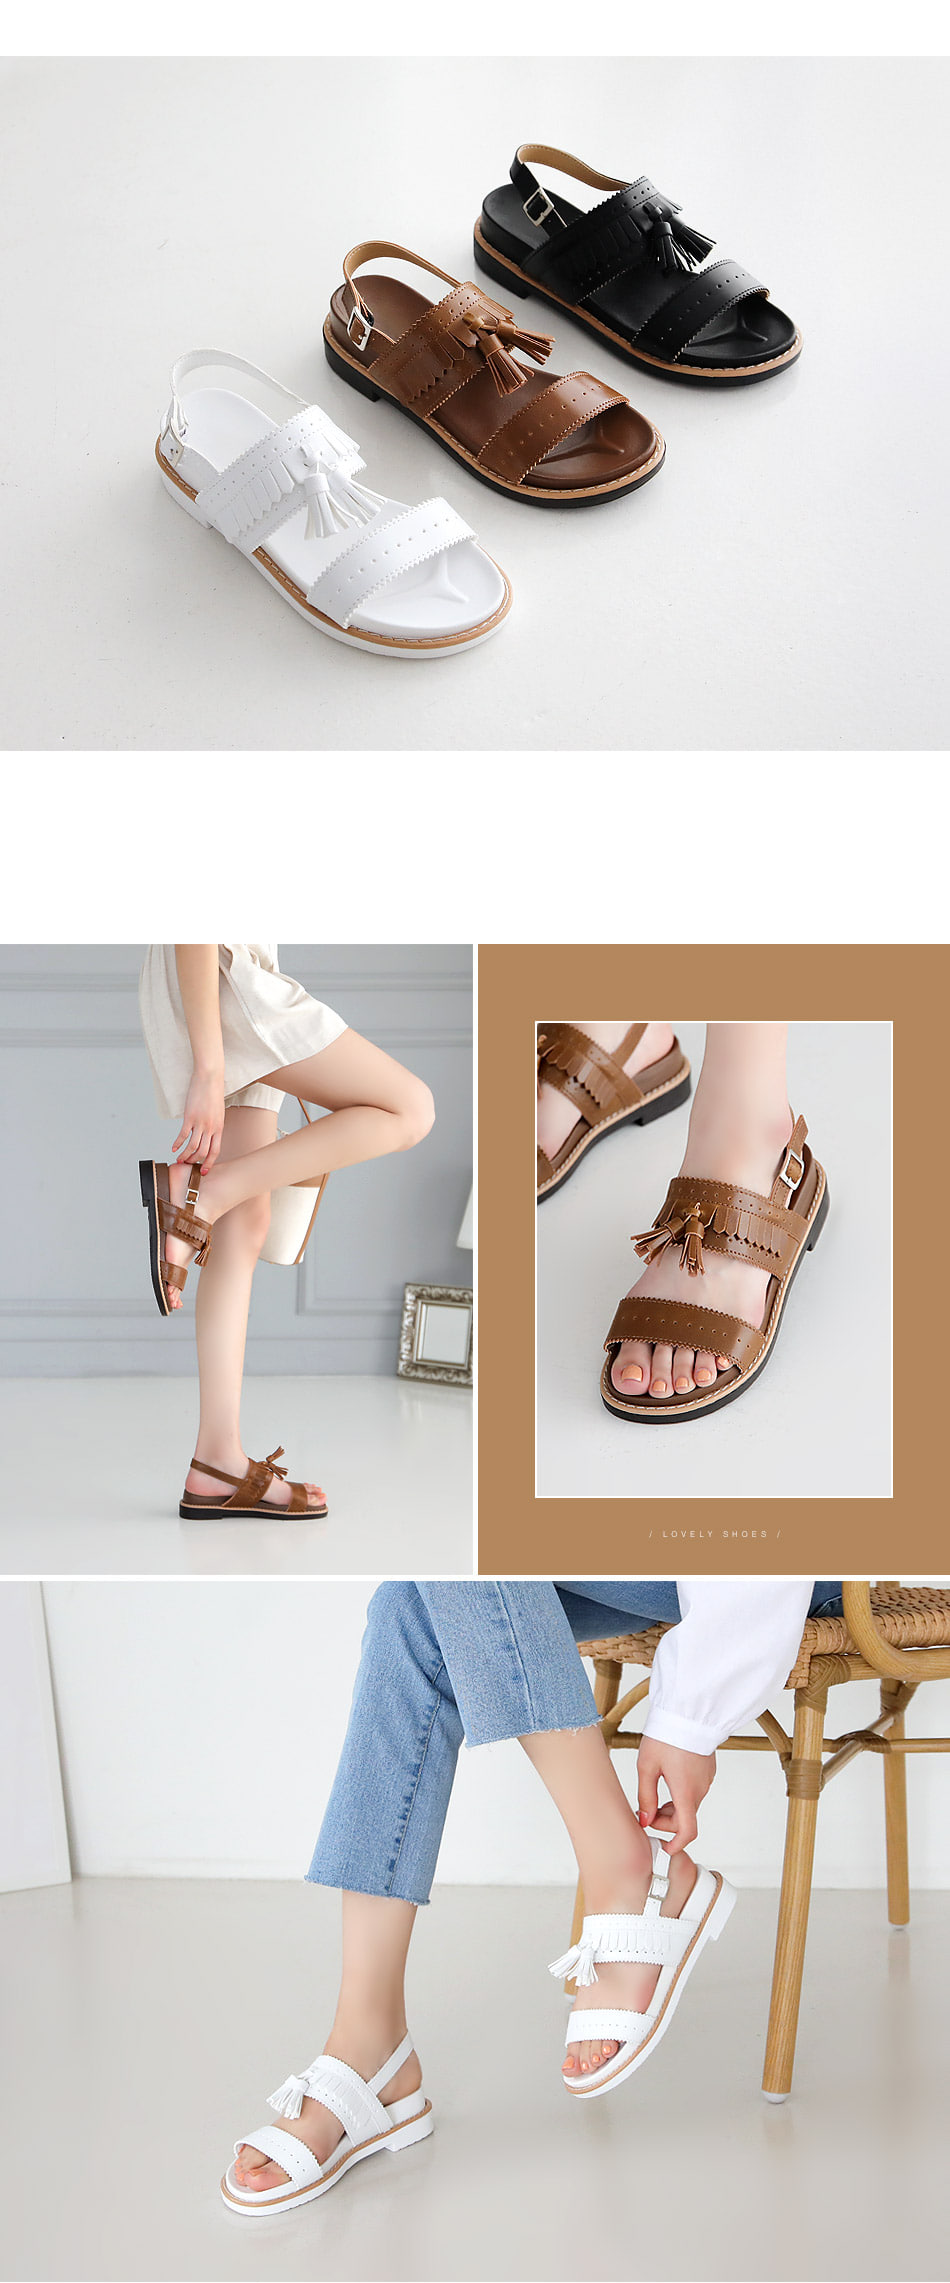 Refined Sling Back Sandals 4.5cm